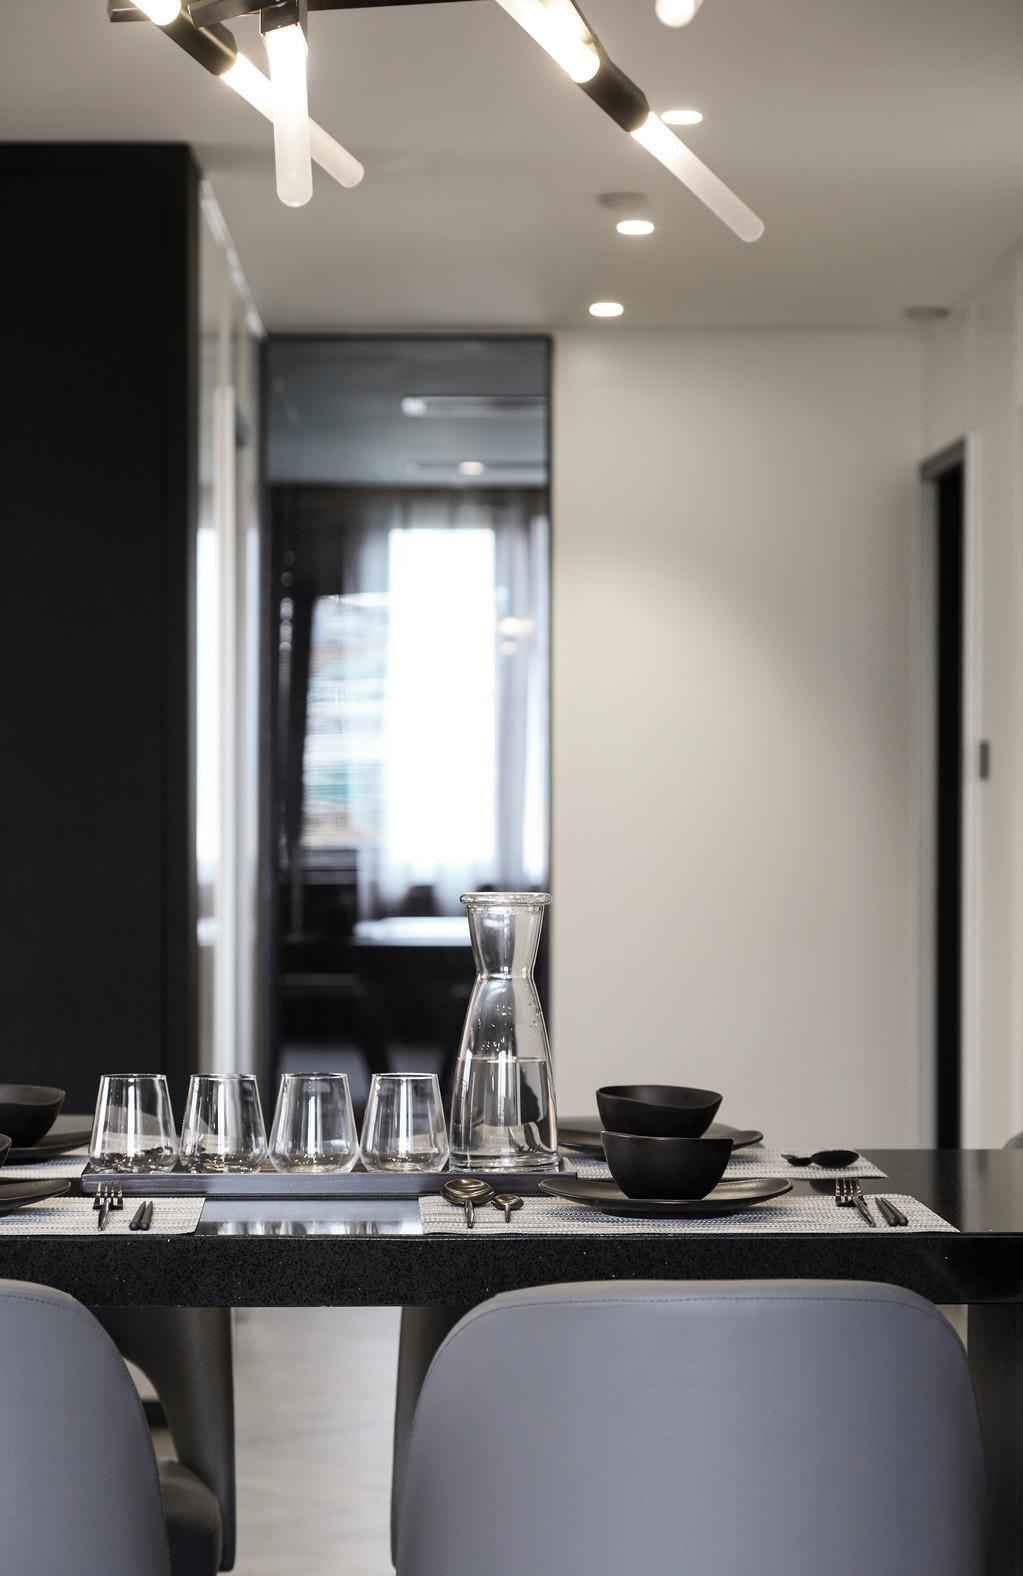 黑白灰三居设计餐桌摆件